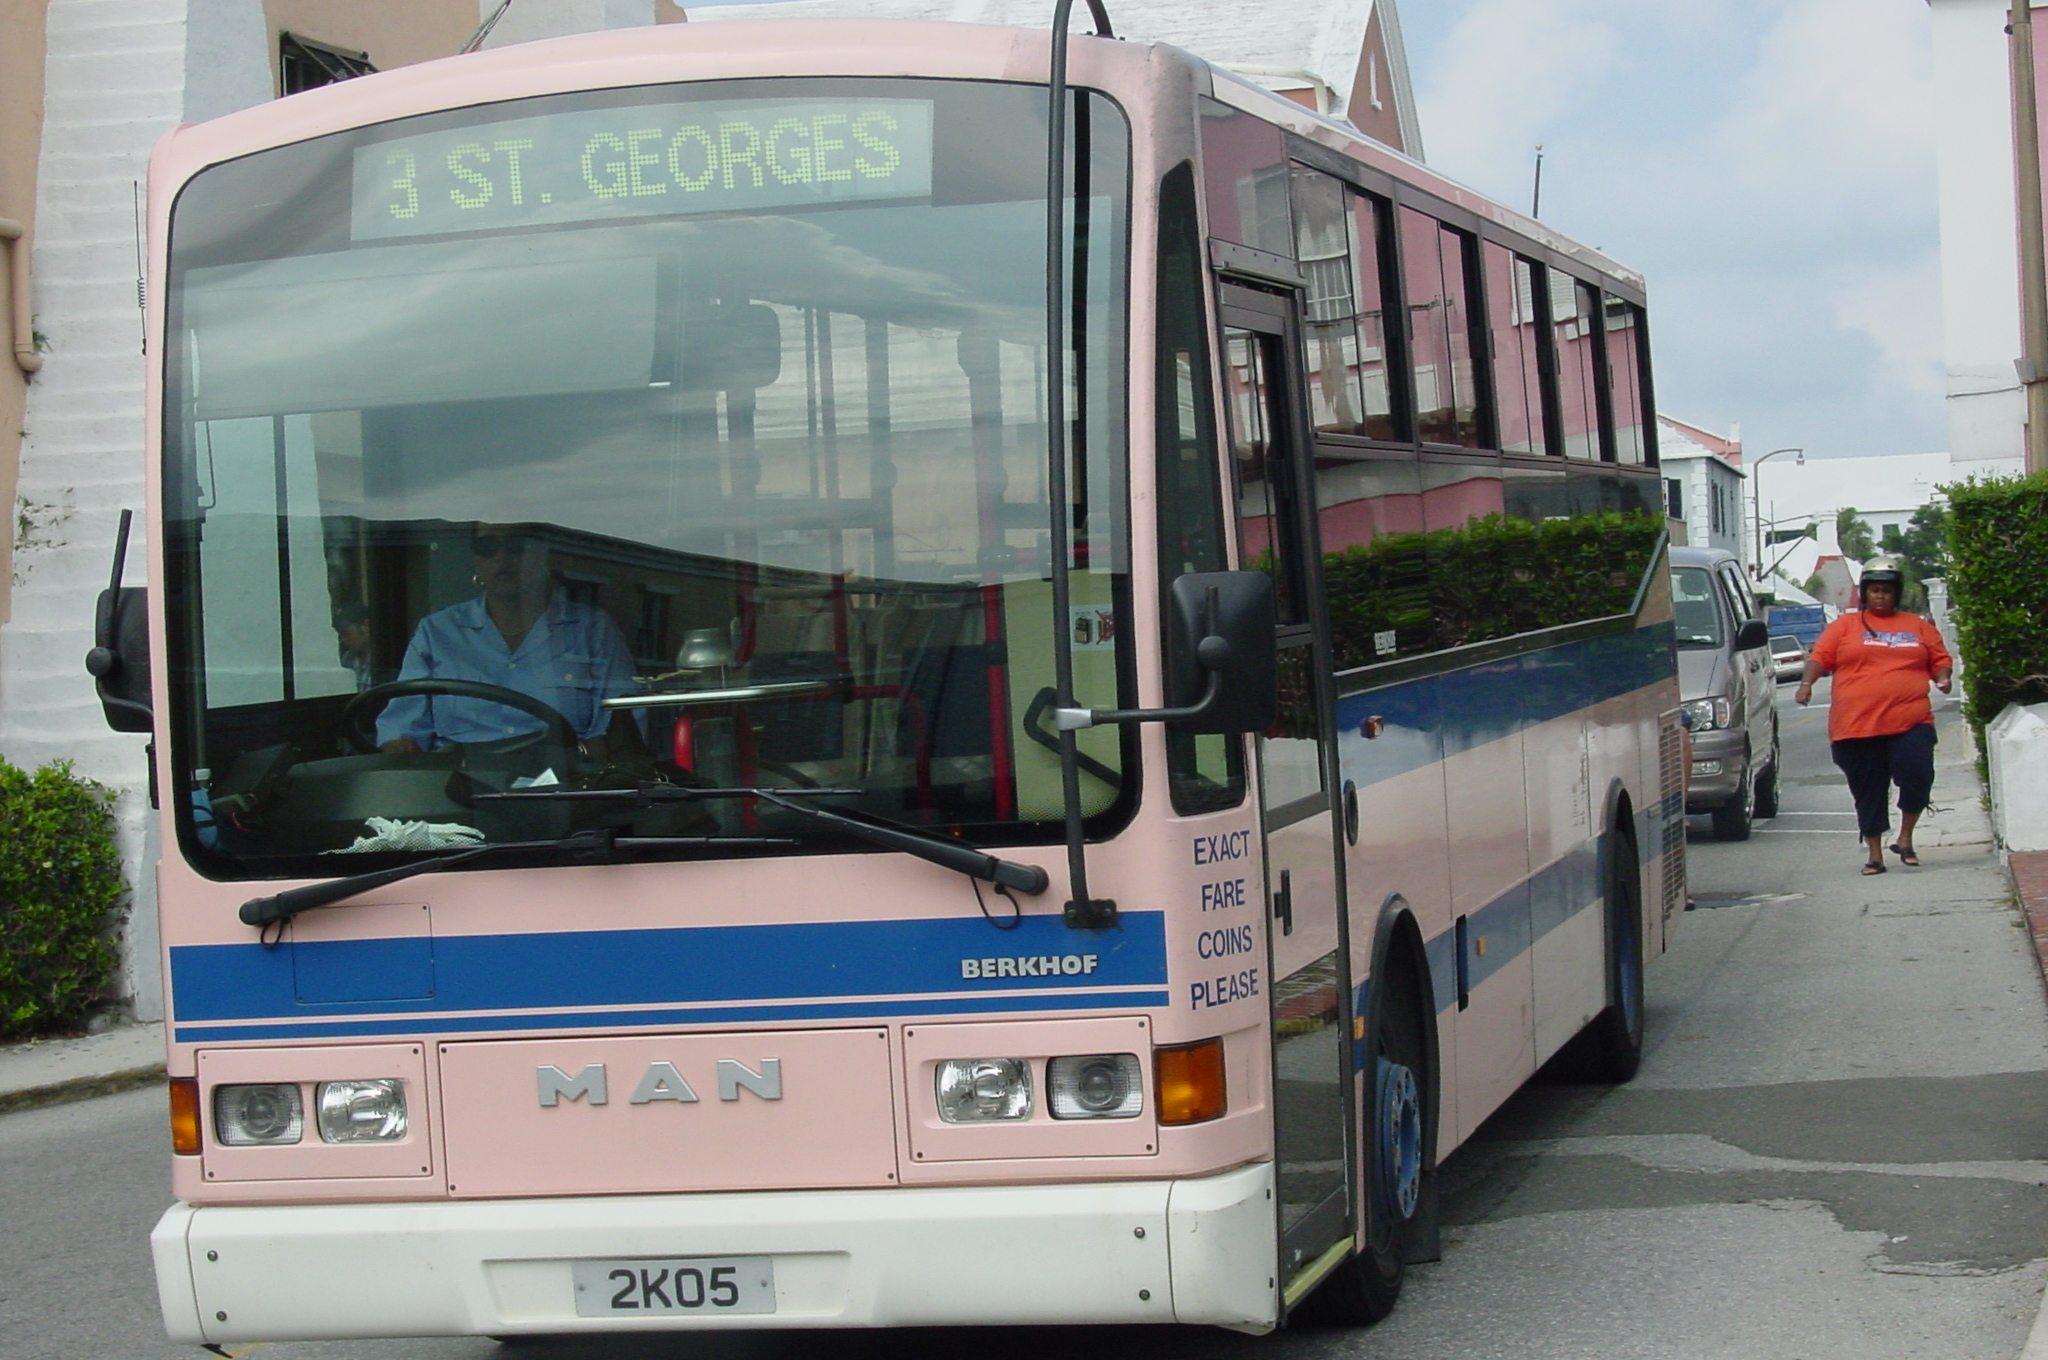 Photo cred: http://upload.wikimedia.org/wikipedia/commons/6/6c/Bermuda_Bus.JPG